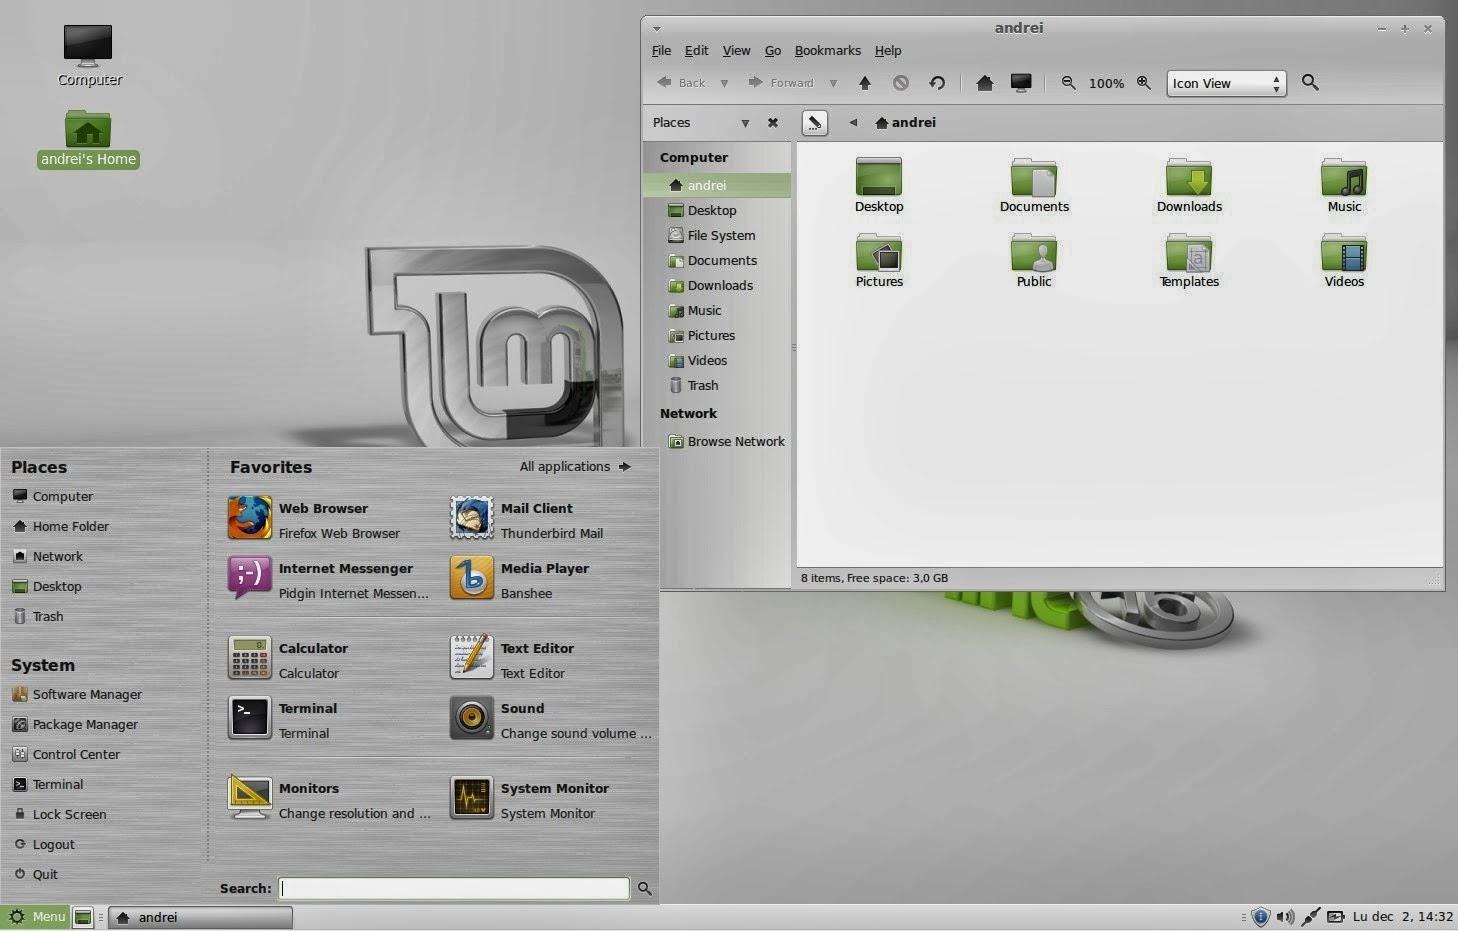 今回は最新版GNOME 3に準拠したCinnamonの方ではなく、GNOME 2に準拠しより安定性の高そうなMATEというwindow  managerのversionを選択した。